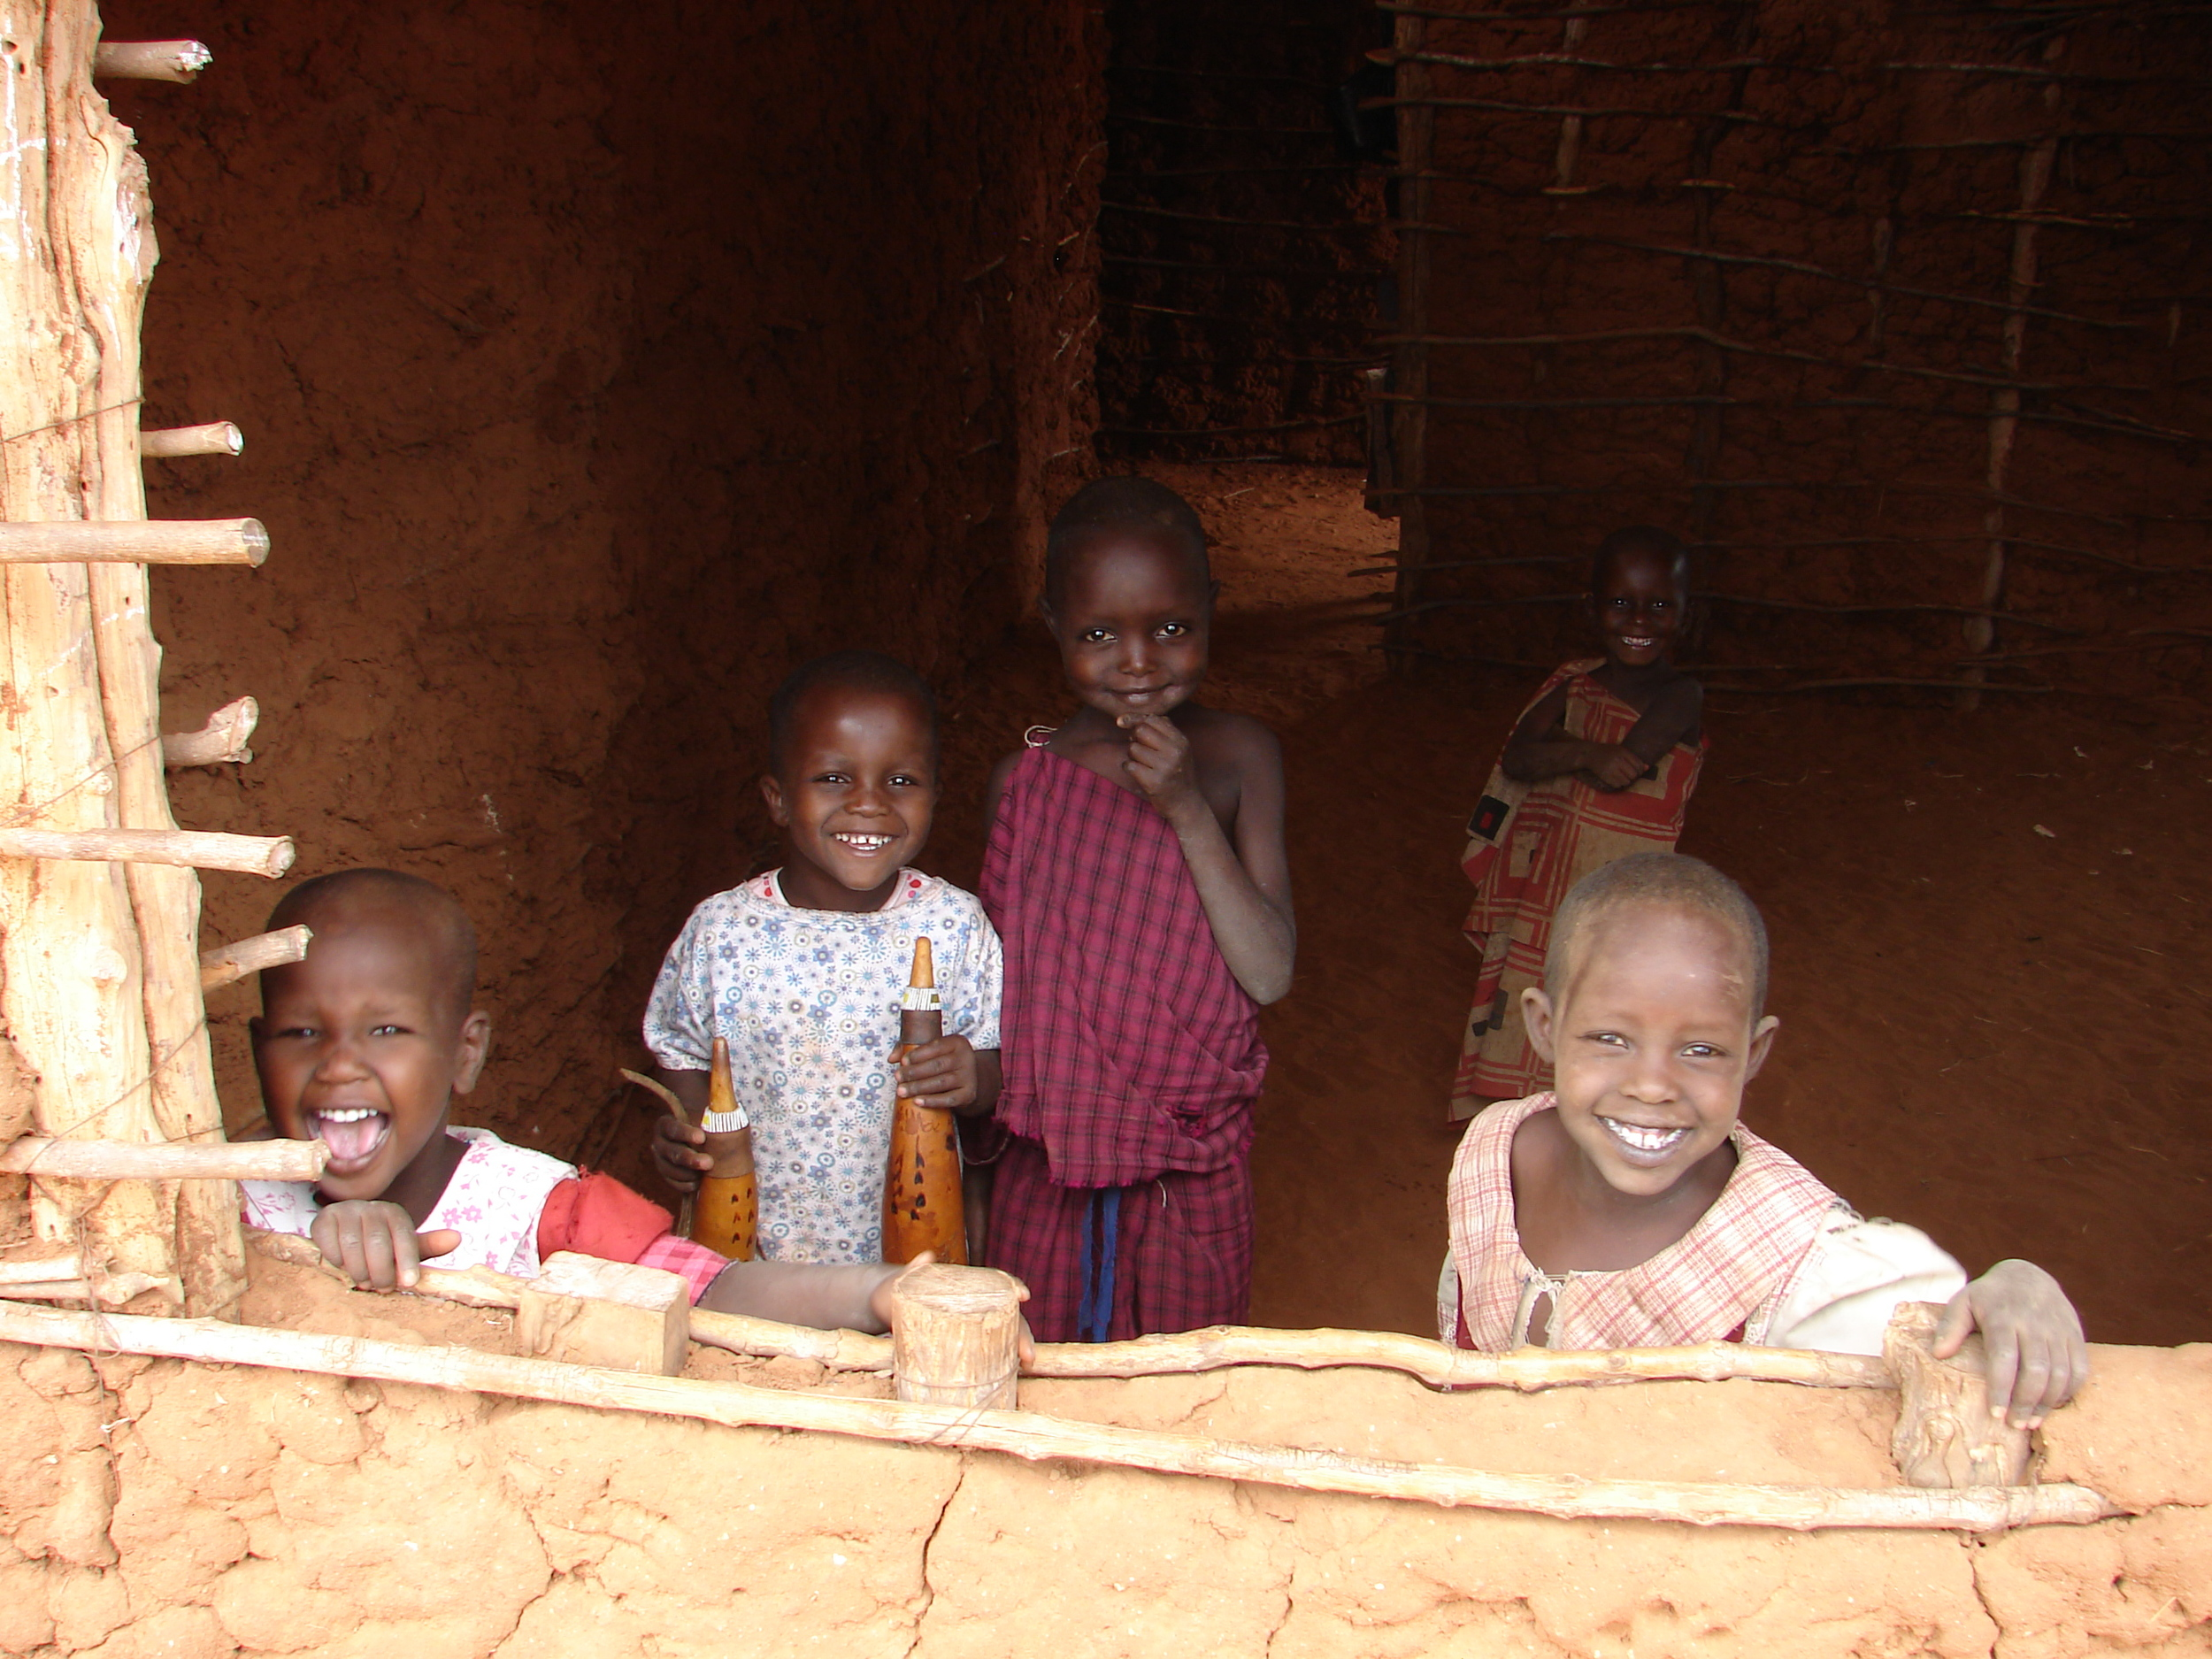 Masai children play in their family home - Tanzania